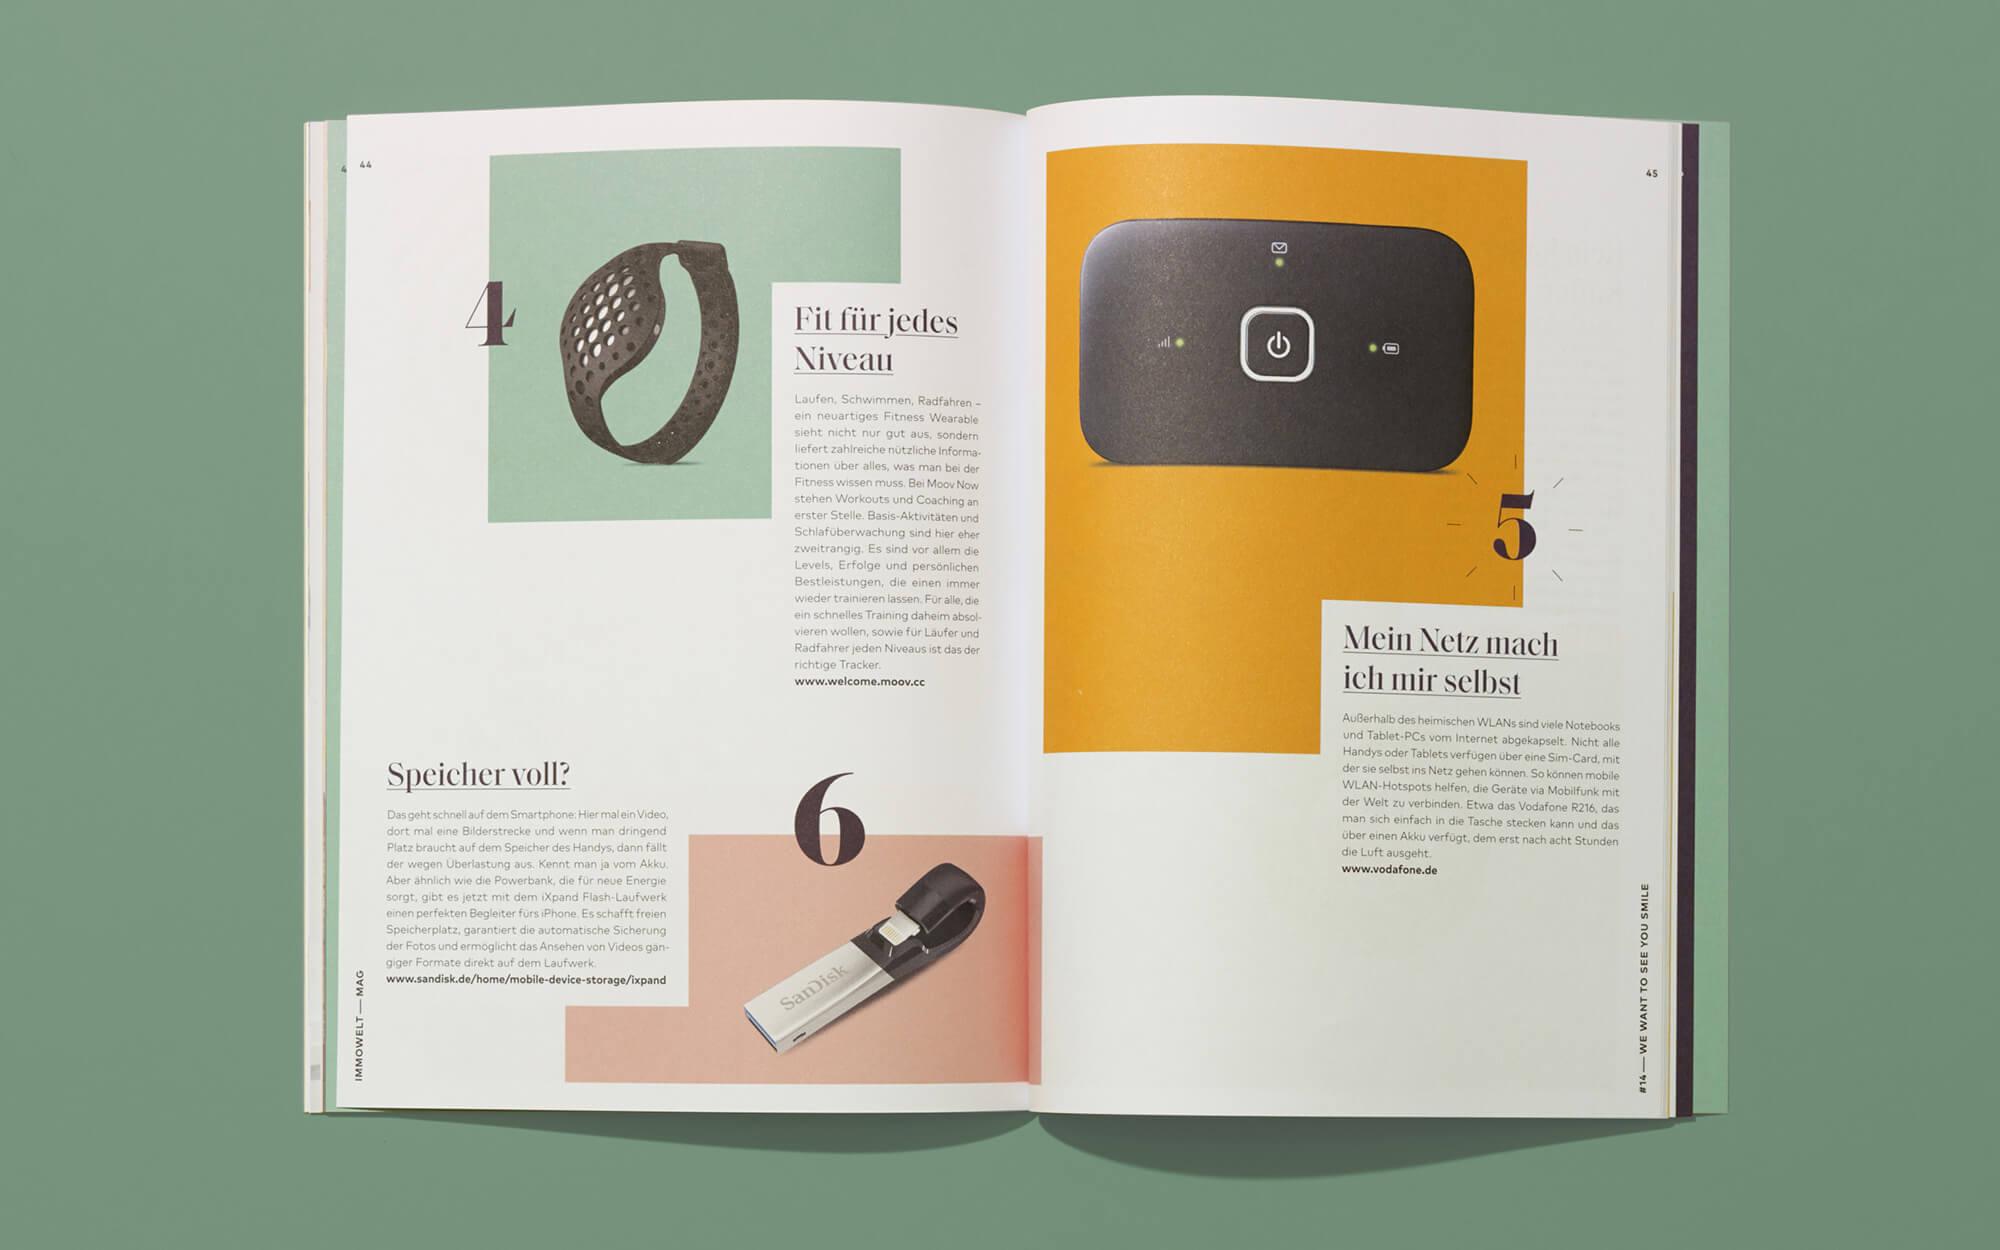 EIGA_Immowelt_Magazin_14_L_05